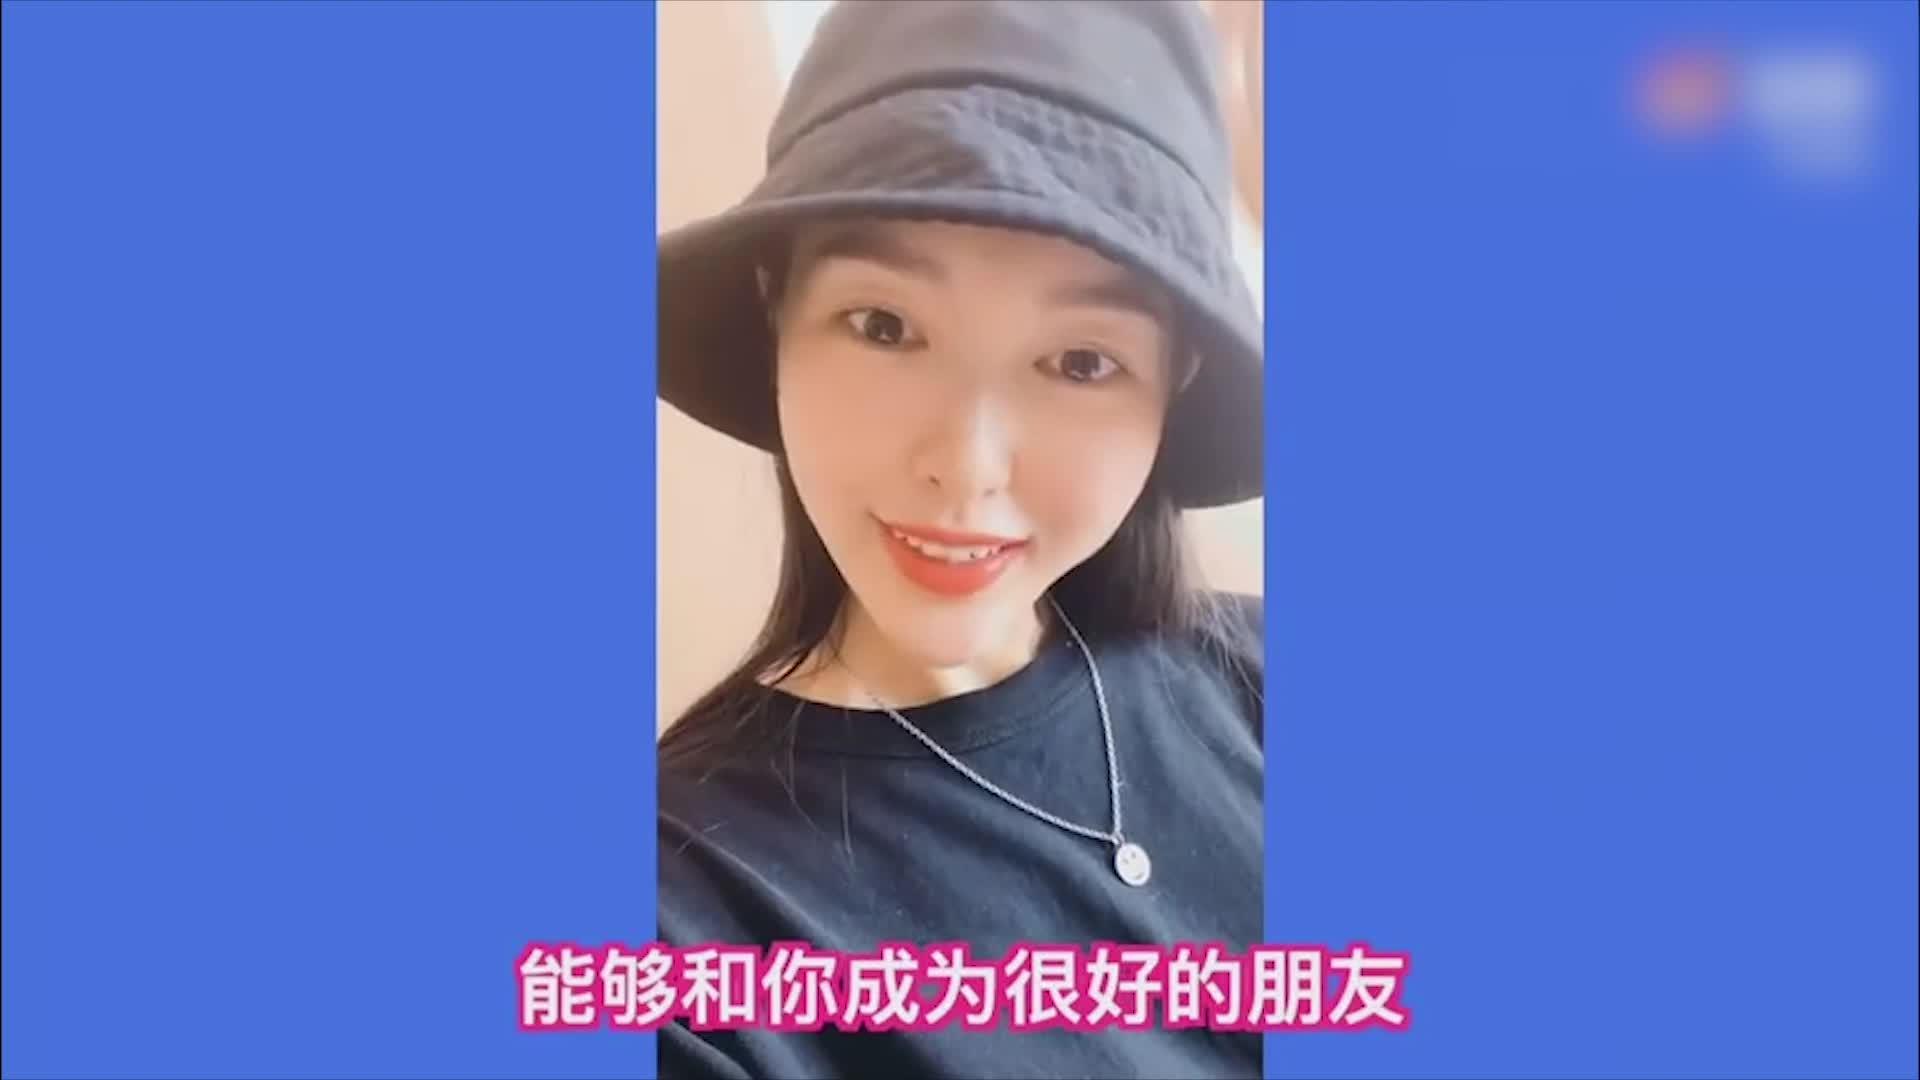 唐嫣为闺蜜庆生抗住怼脸镜头 皮肤粉嫩白皙状态佳